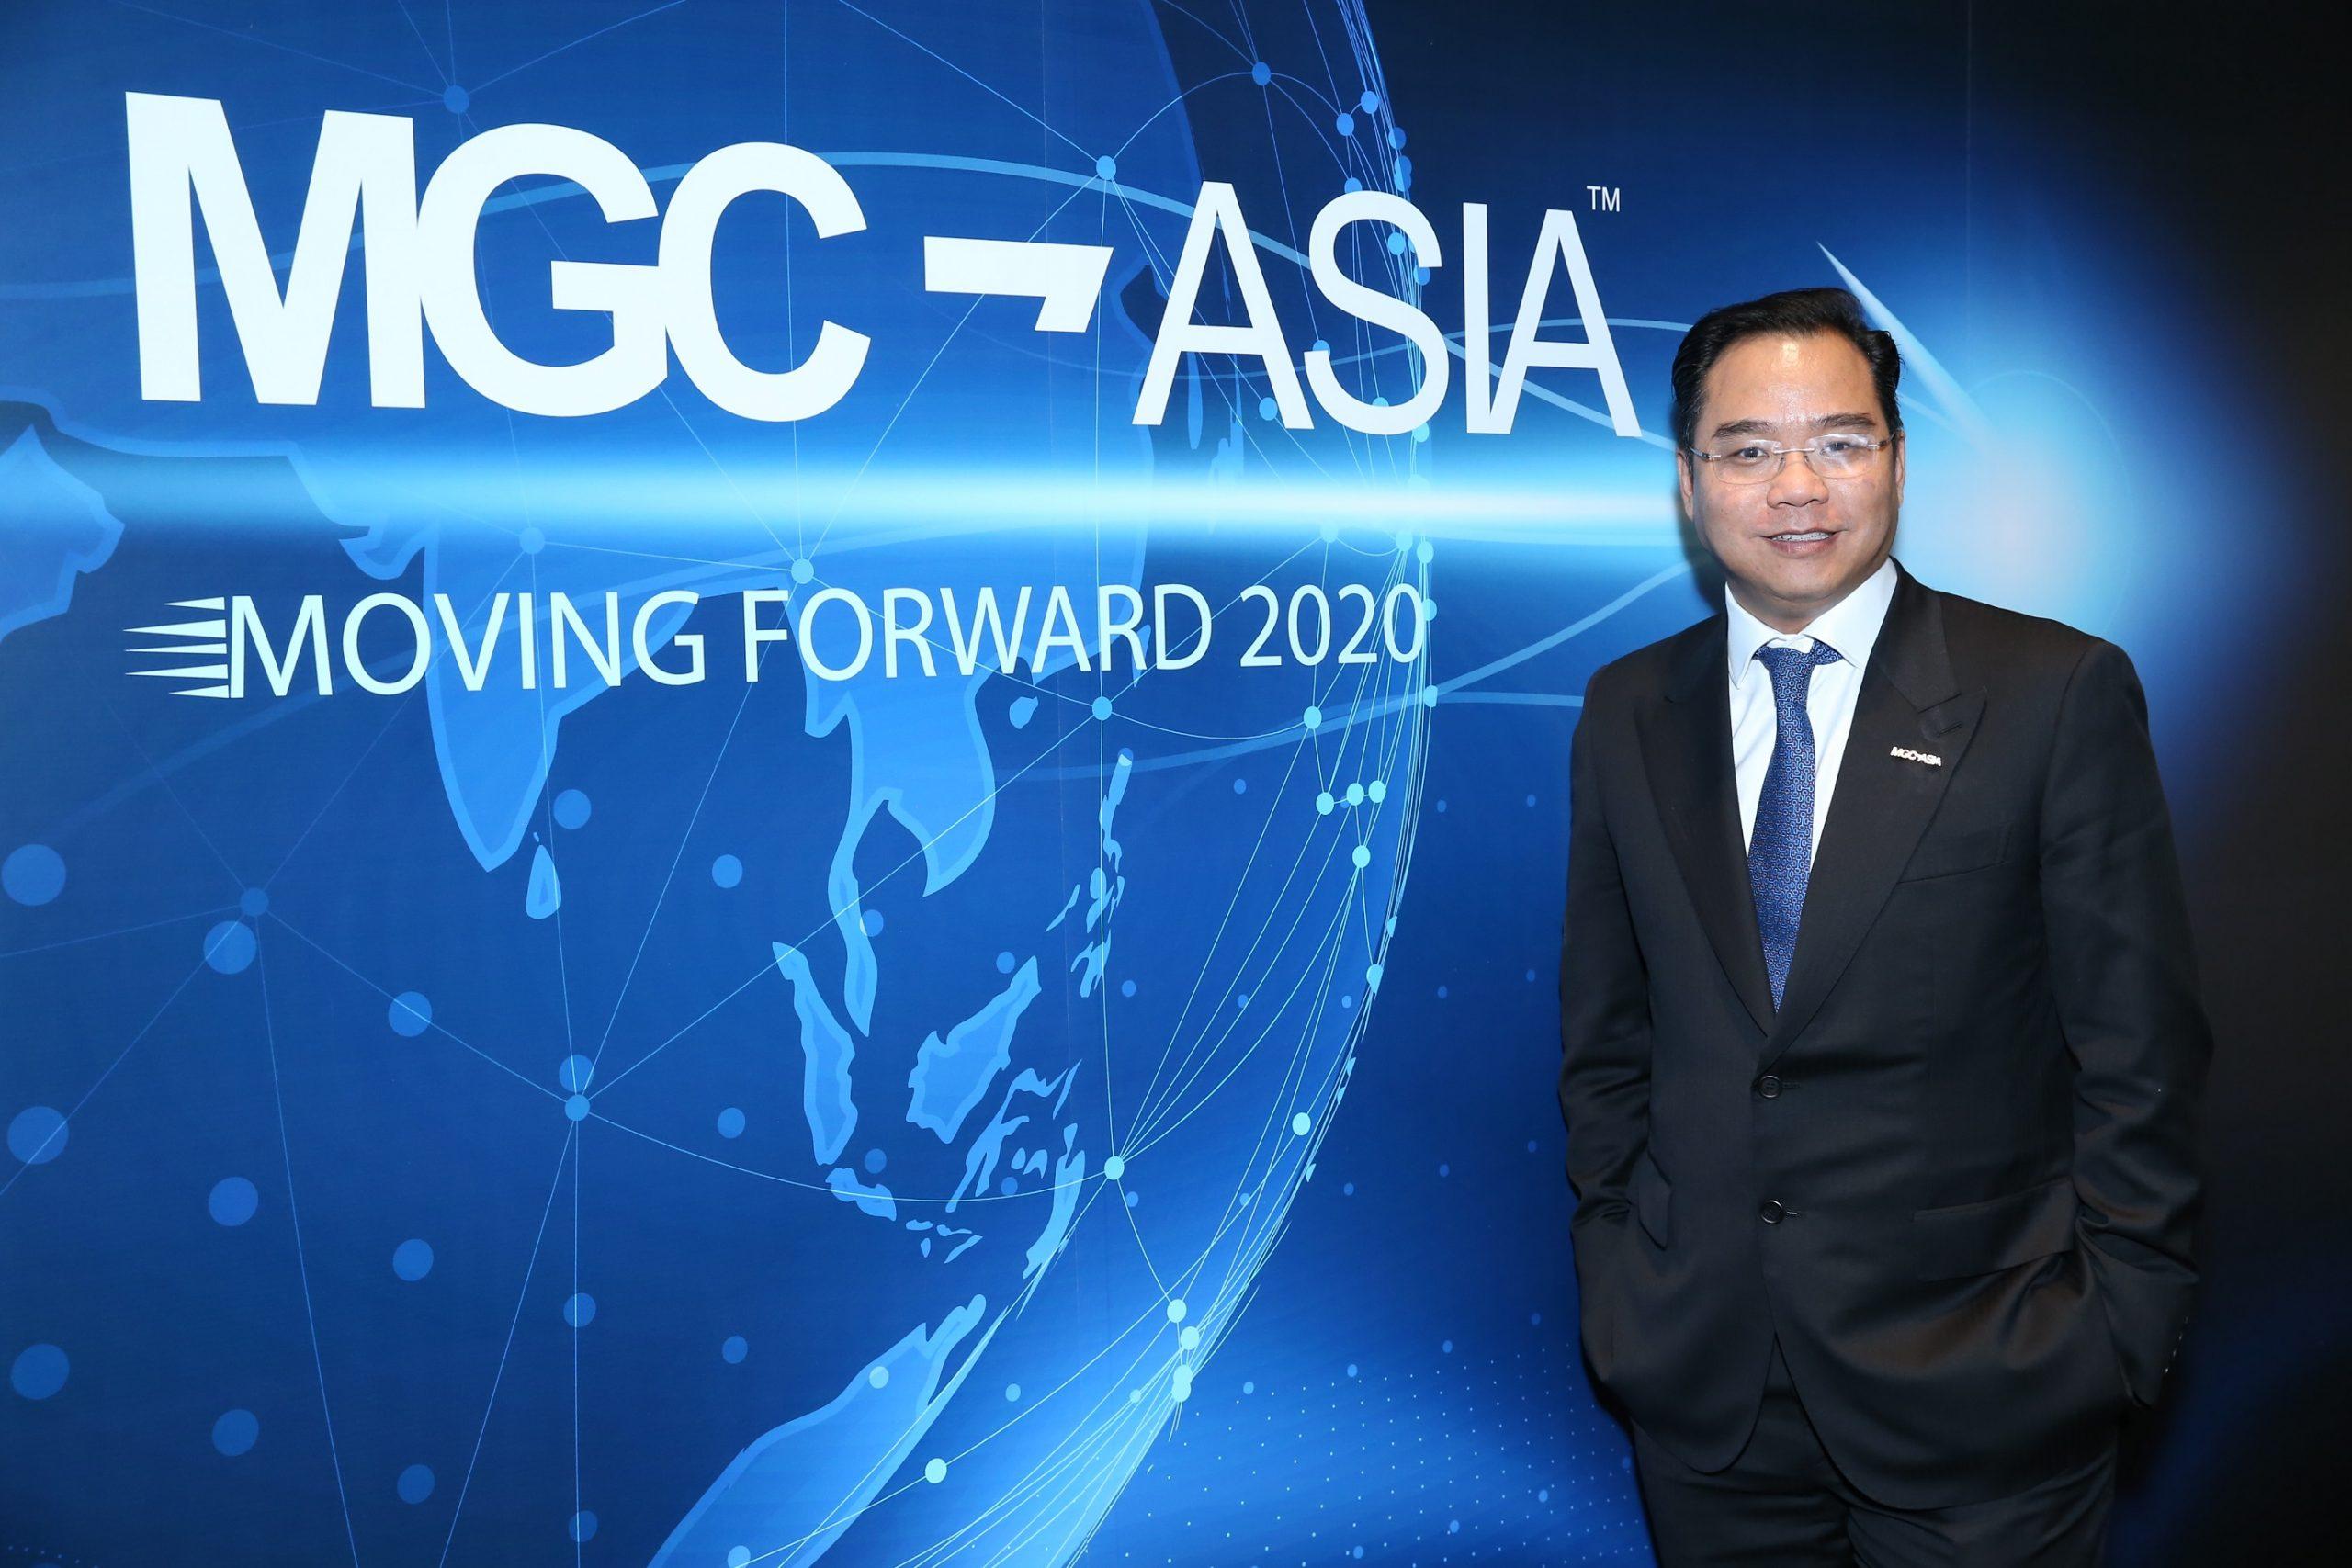 ข่าวรถวันนี้ : MGC-ASIA MOVING FORWARD 2020 พร้อมก้าวสู่ทศวรรษใหม่ ในการเป็นผู้นำธุรกิจค้าปลีกยานยนต์